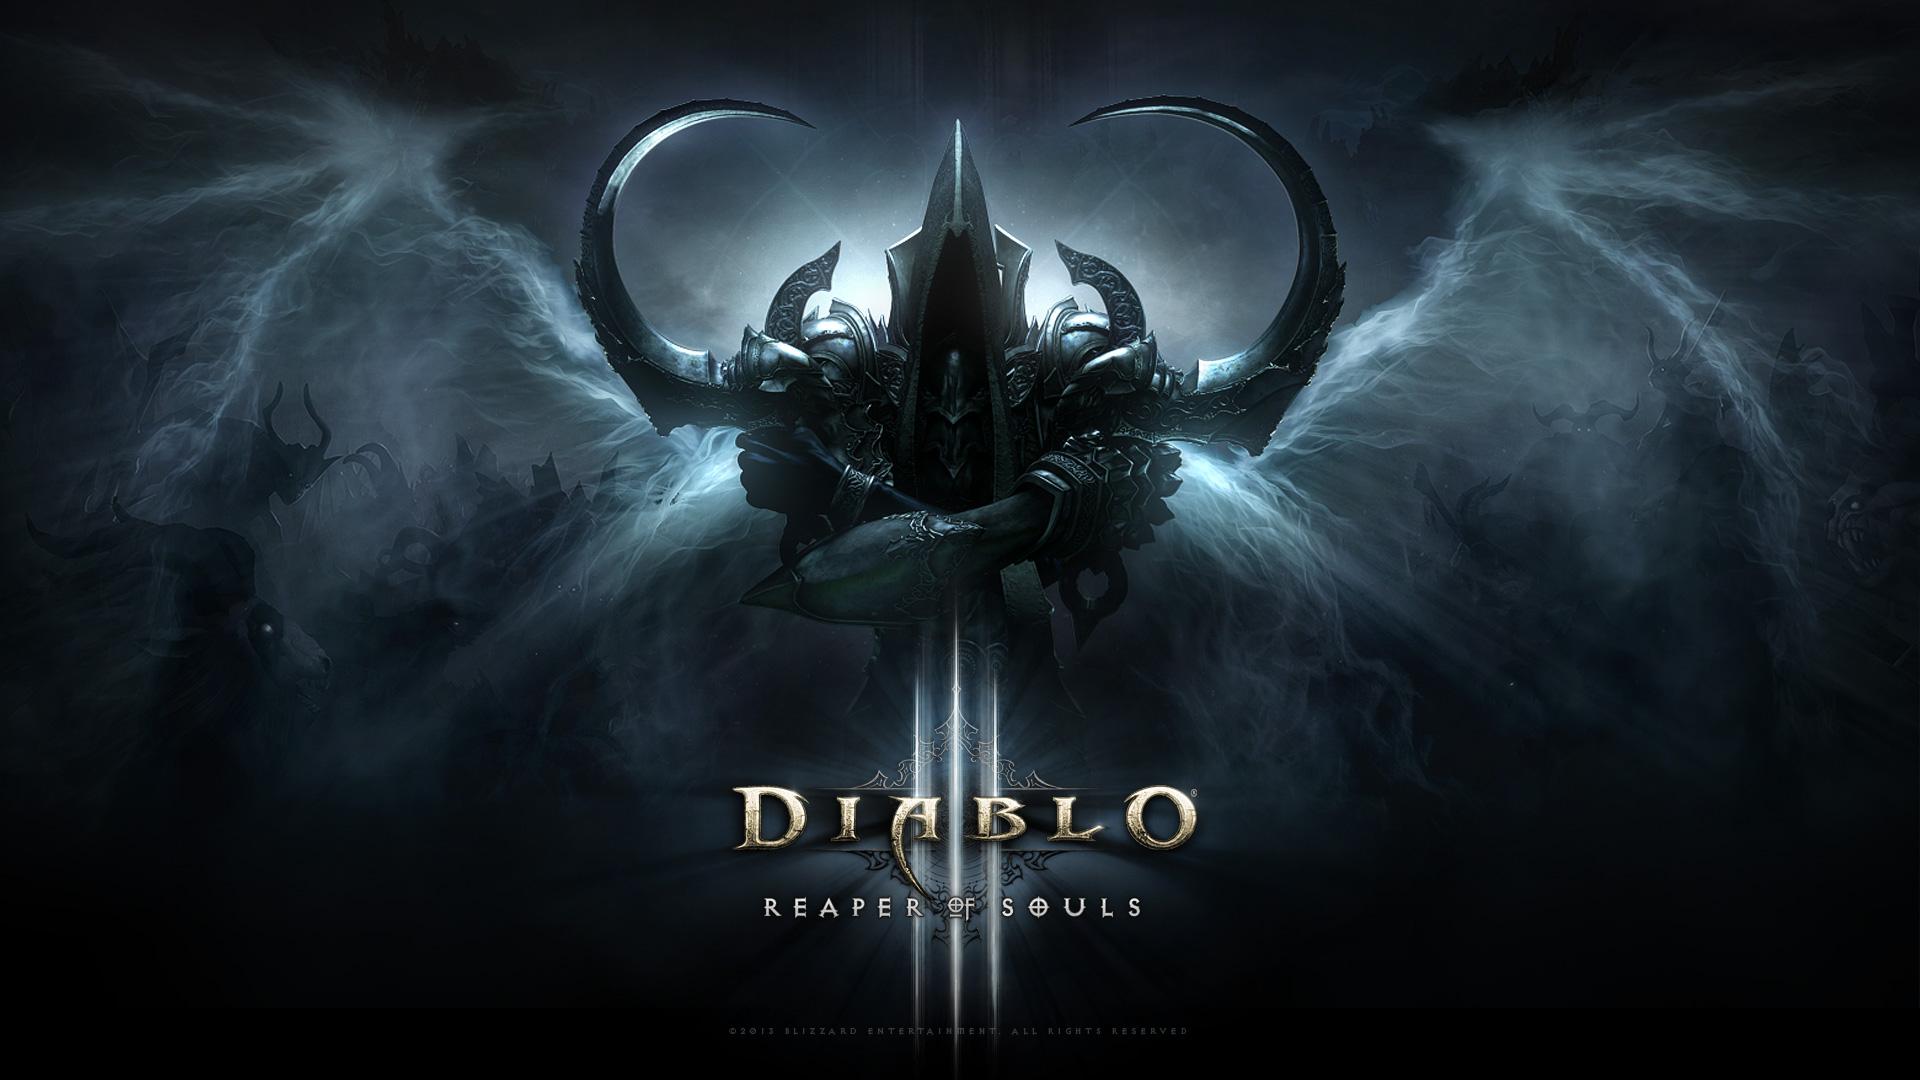 Wallpapers - Media - Diablo III